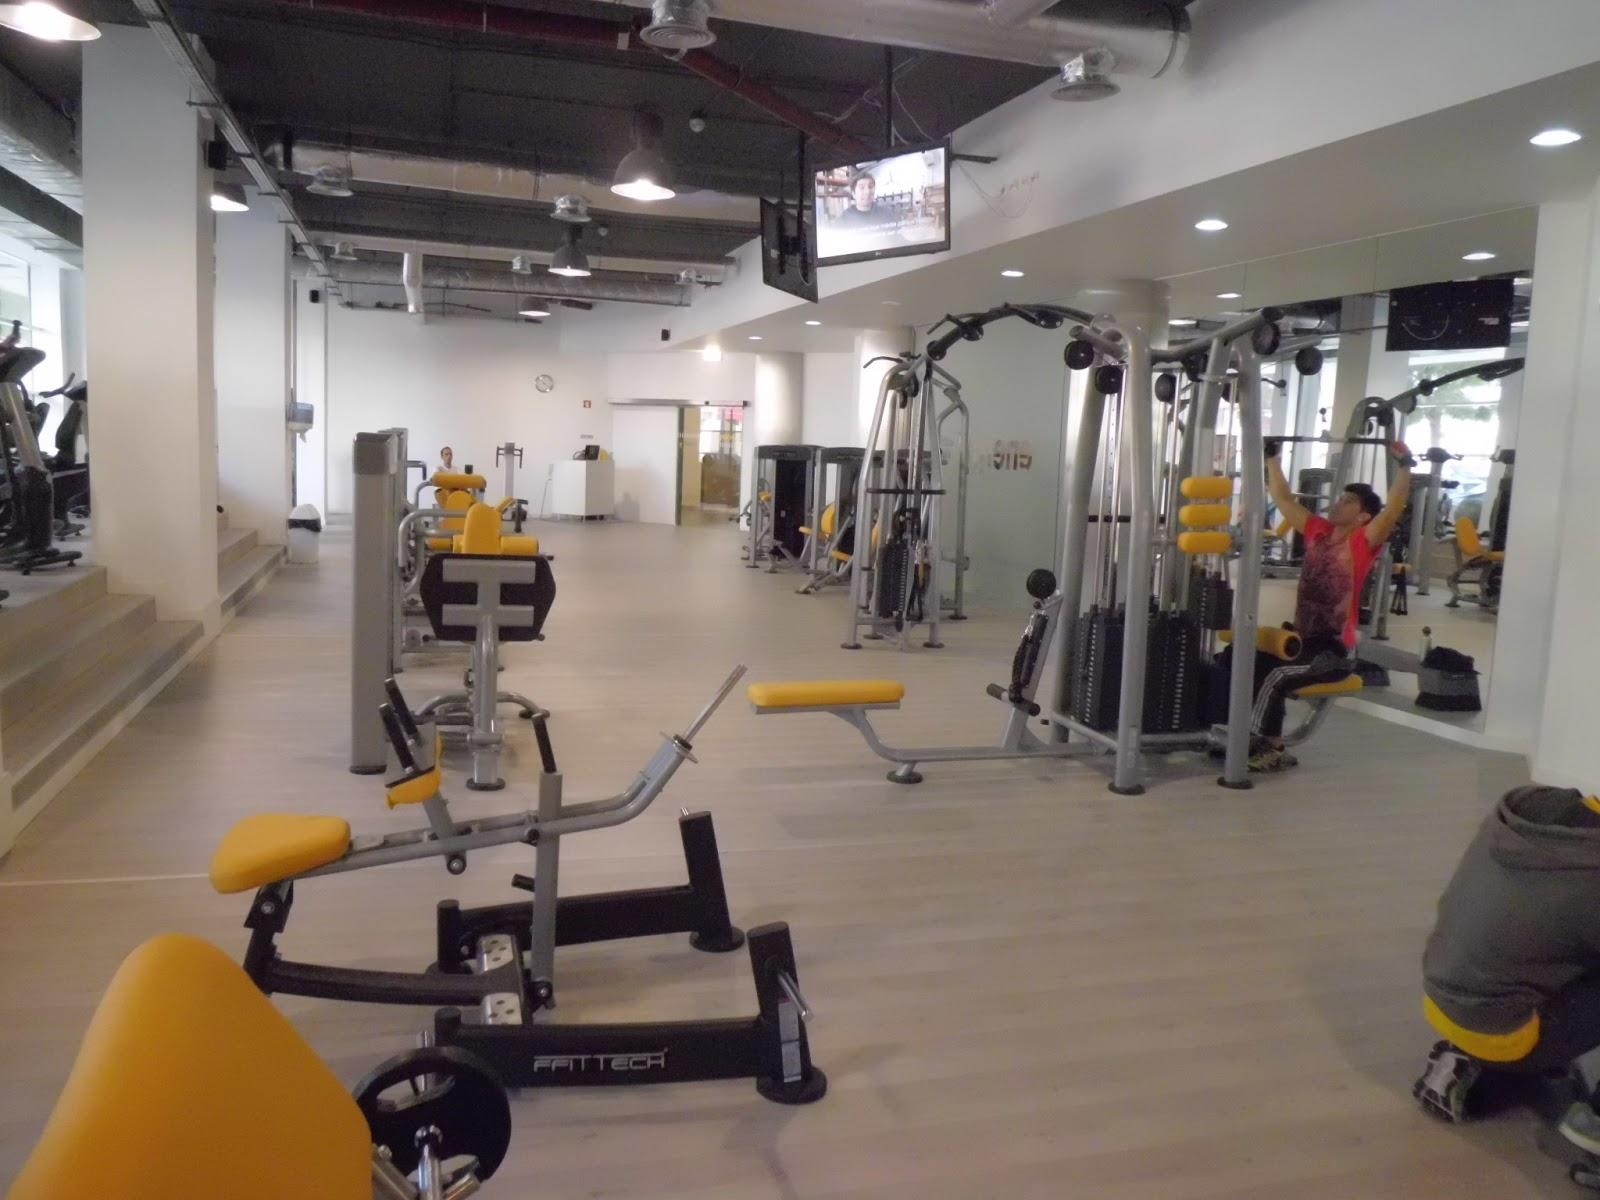 ffittech ouvrir une salle de sport